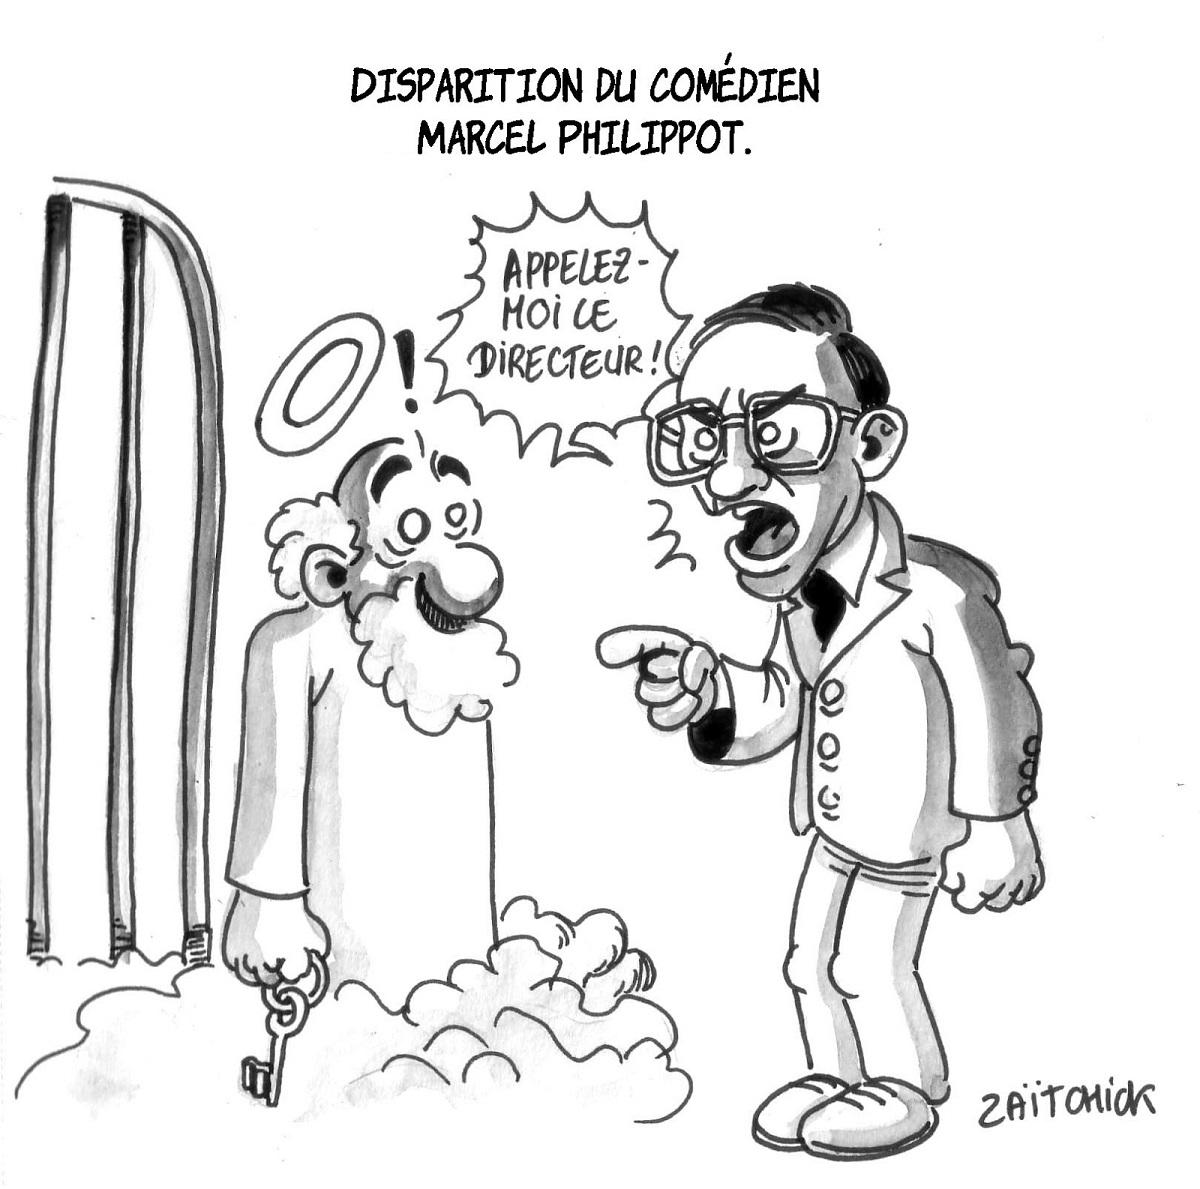 dessin humoristique de Marcel Philippot demandant à Saint Pierre d'appeler le directeur du Paradis